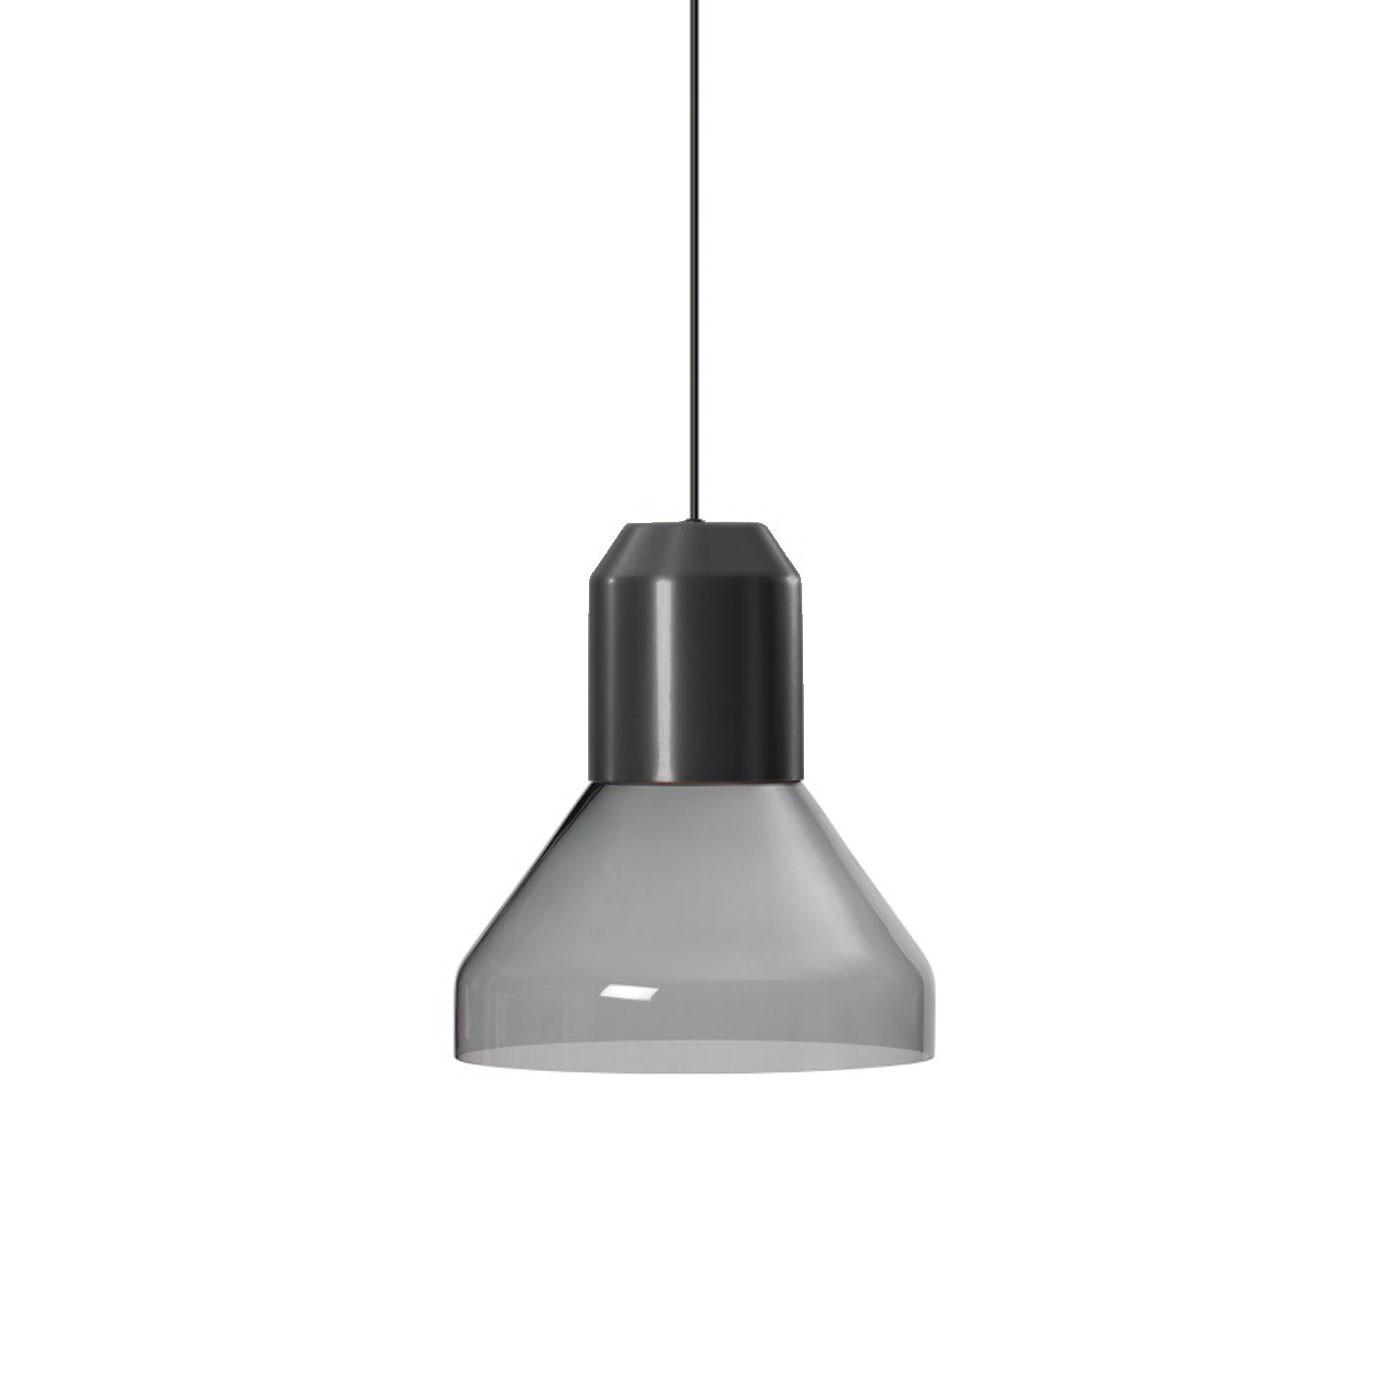 ClassiCon Bell Light Glas Grau Pendelleuchte